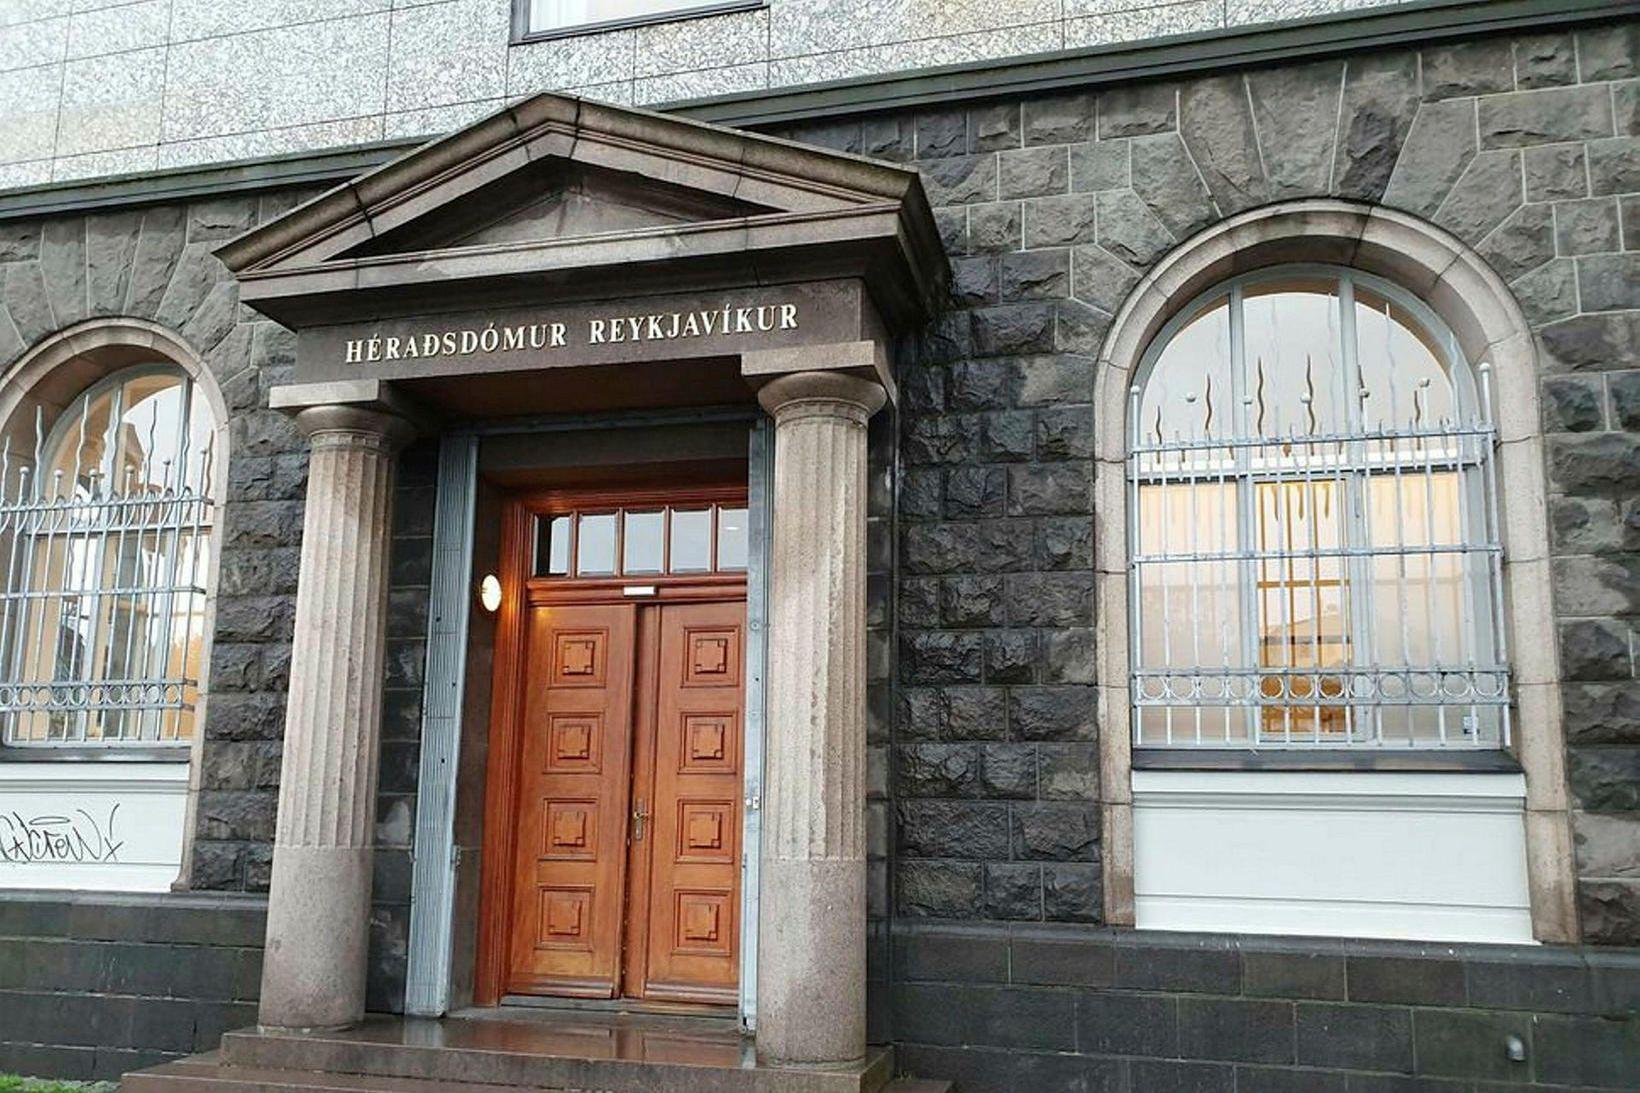 Dómhús Héraðsdóms Reykjavíkur.